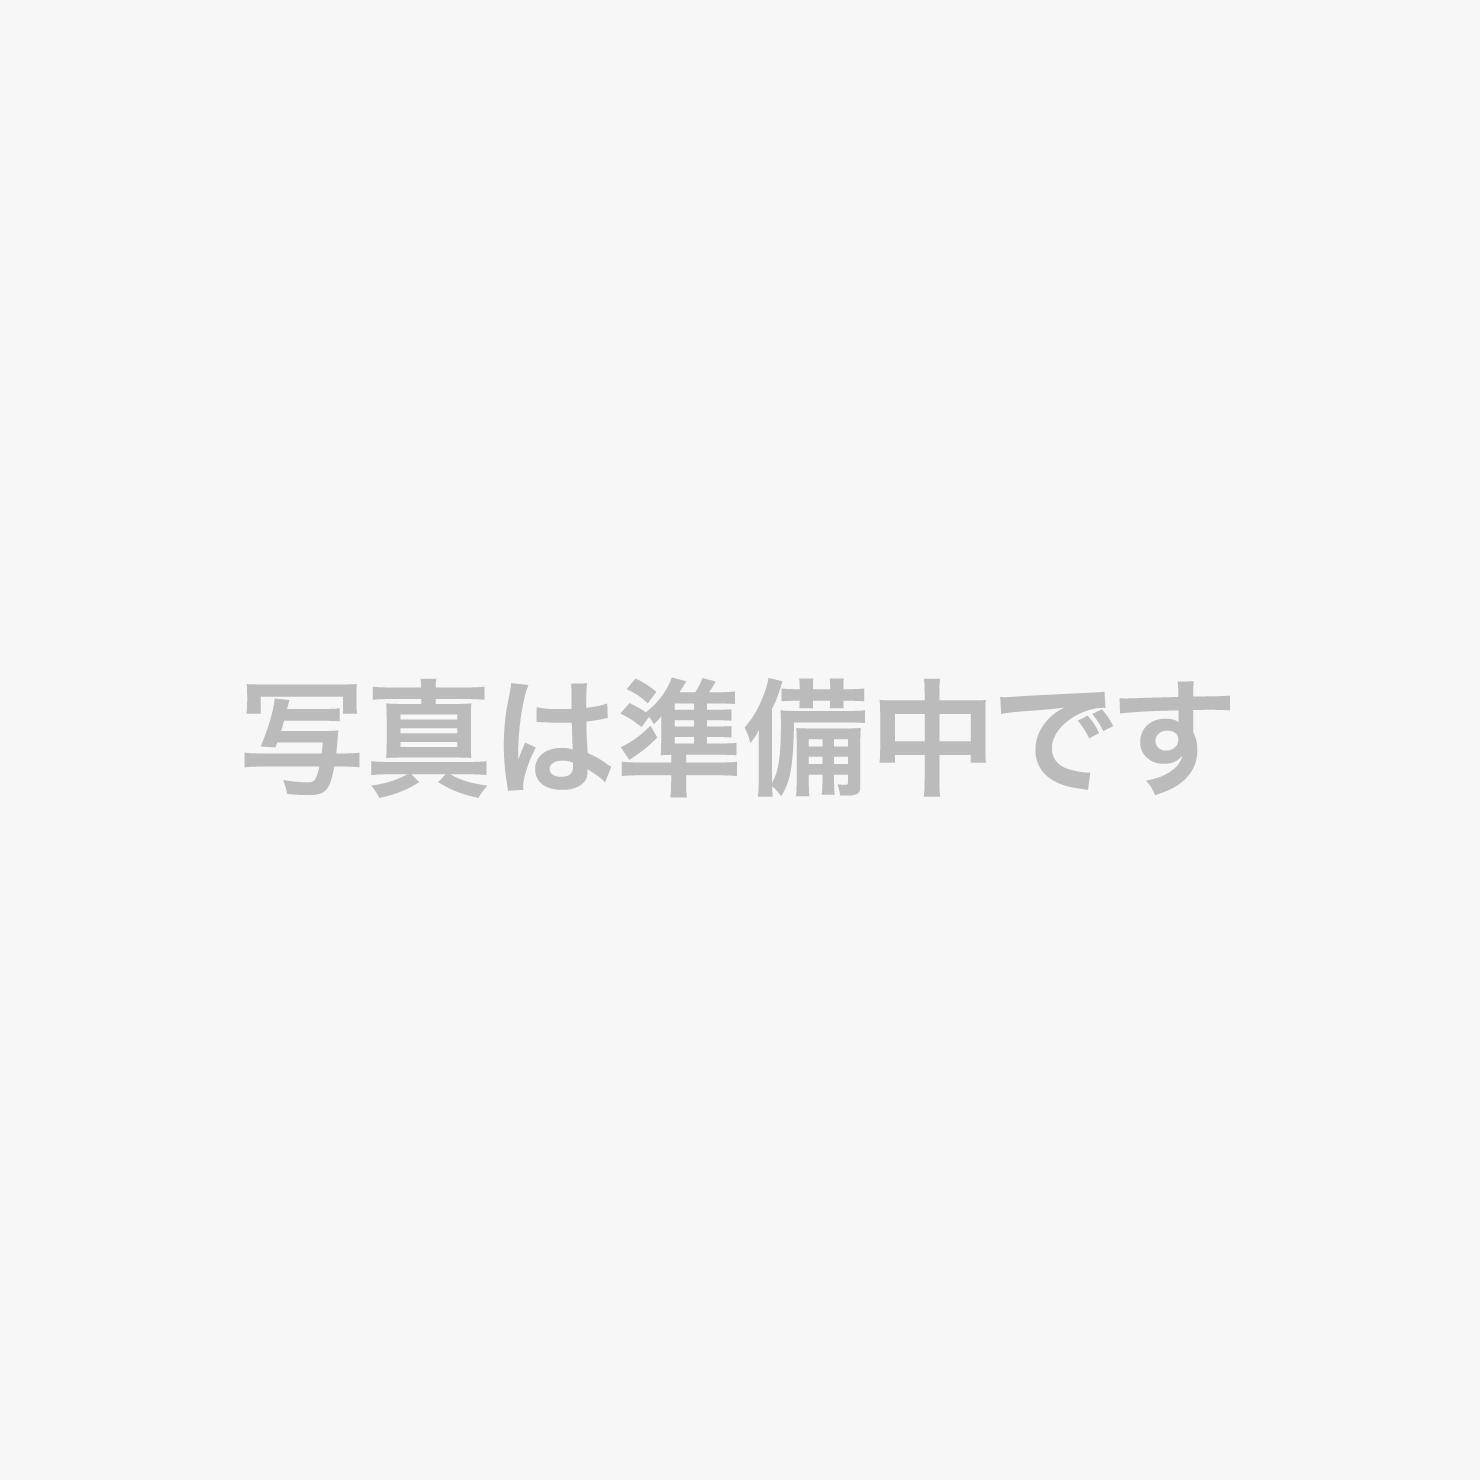 ドーミーいんこぬいぐるみ(1個500円)